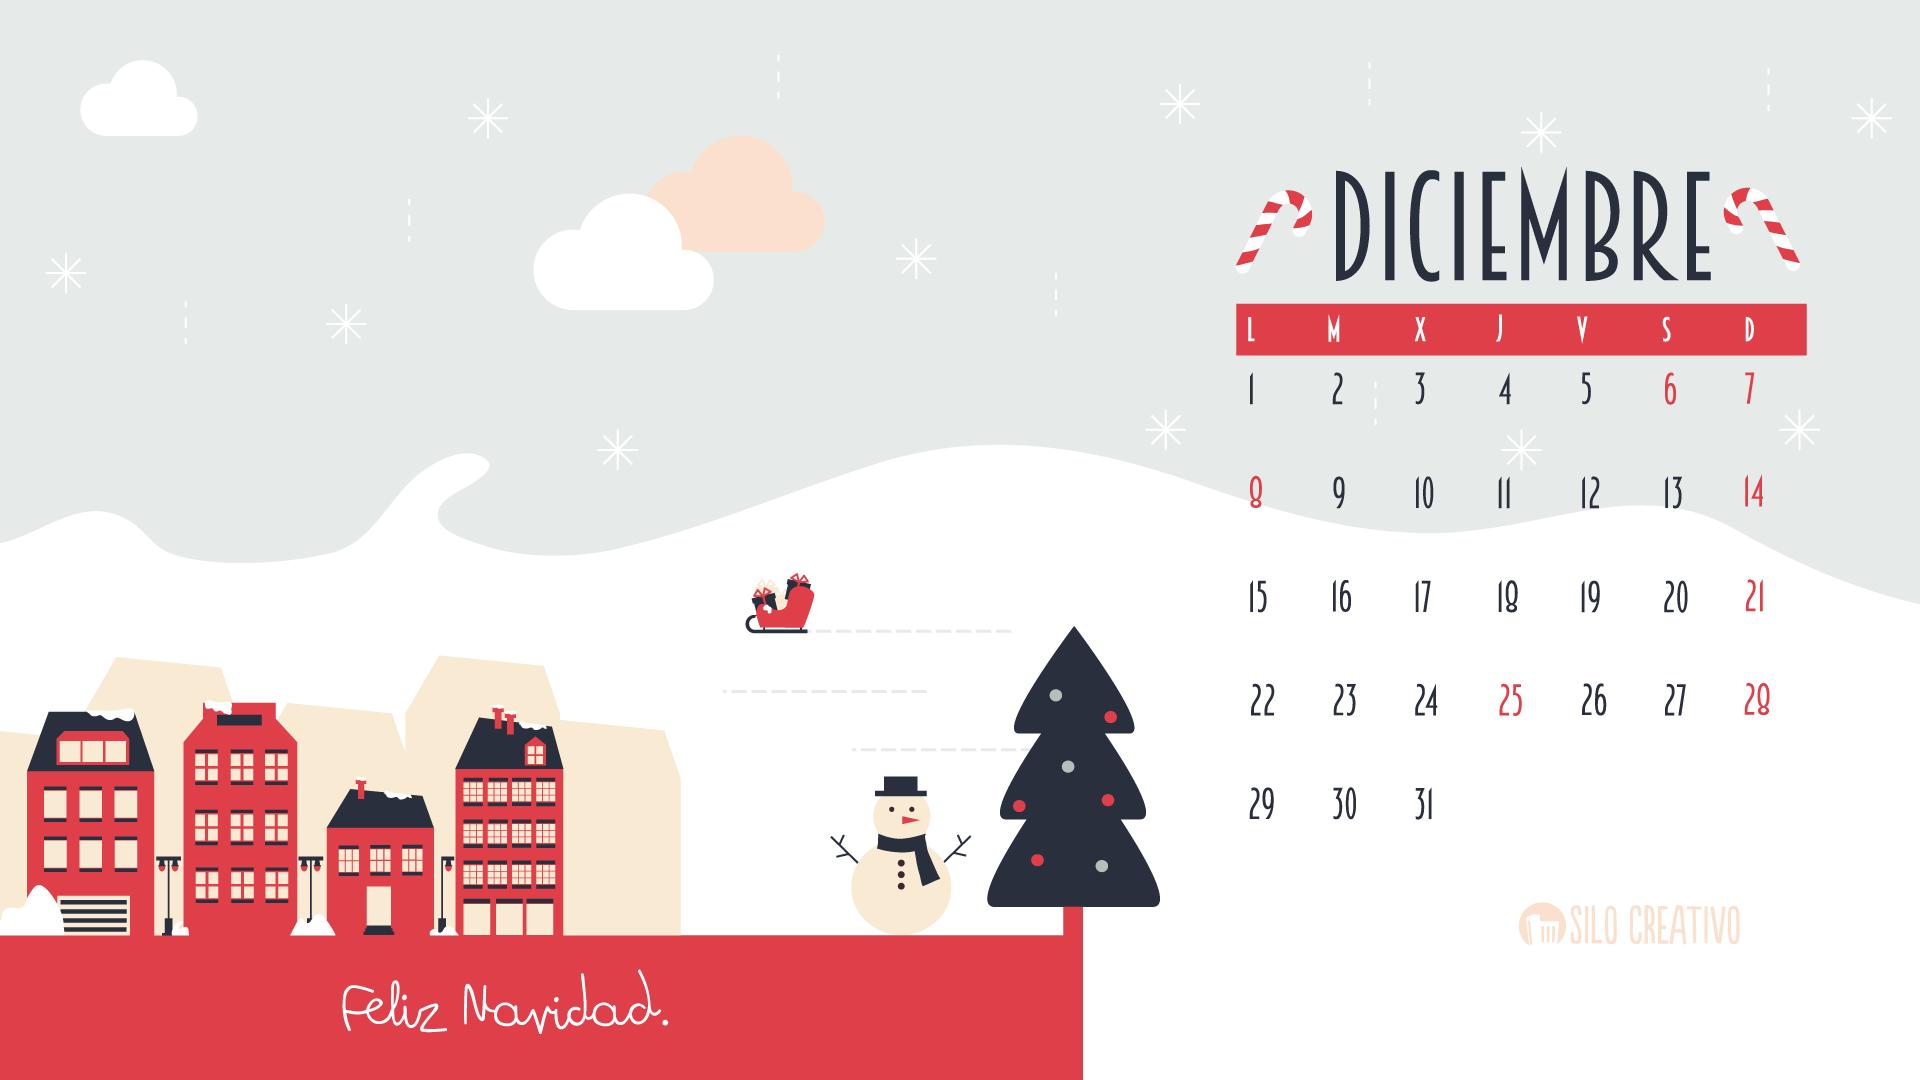 Calendario descargable diciembre silo creativo for Fondo de pantalla calendario 2018